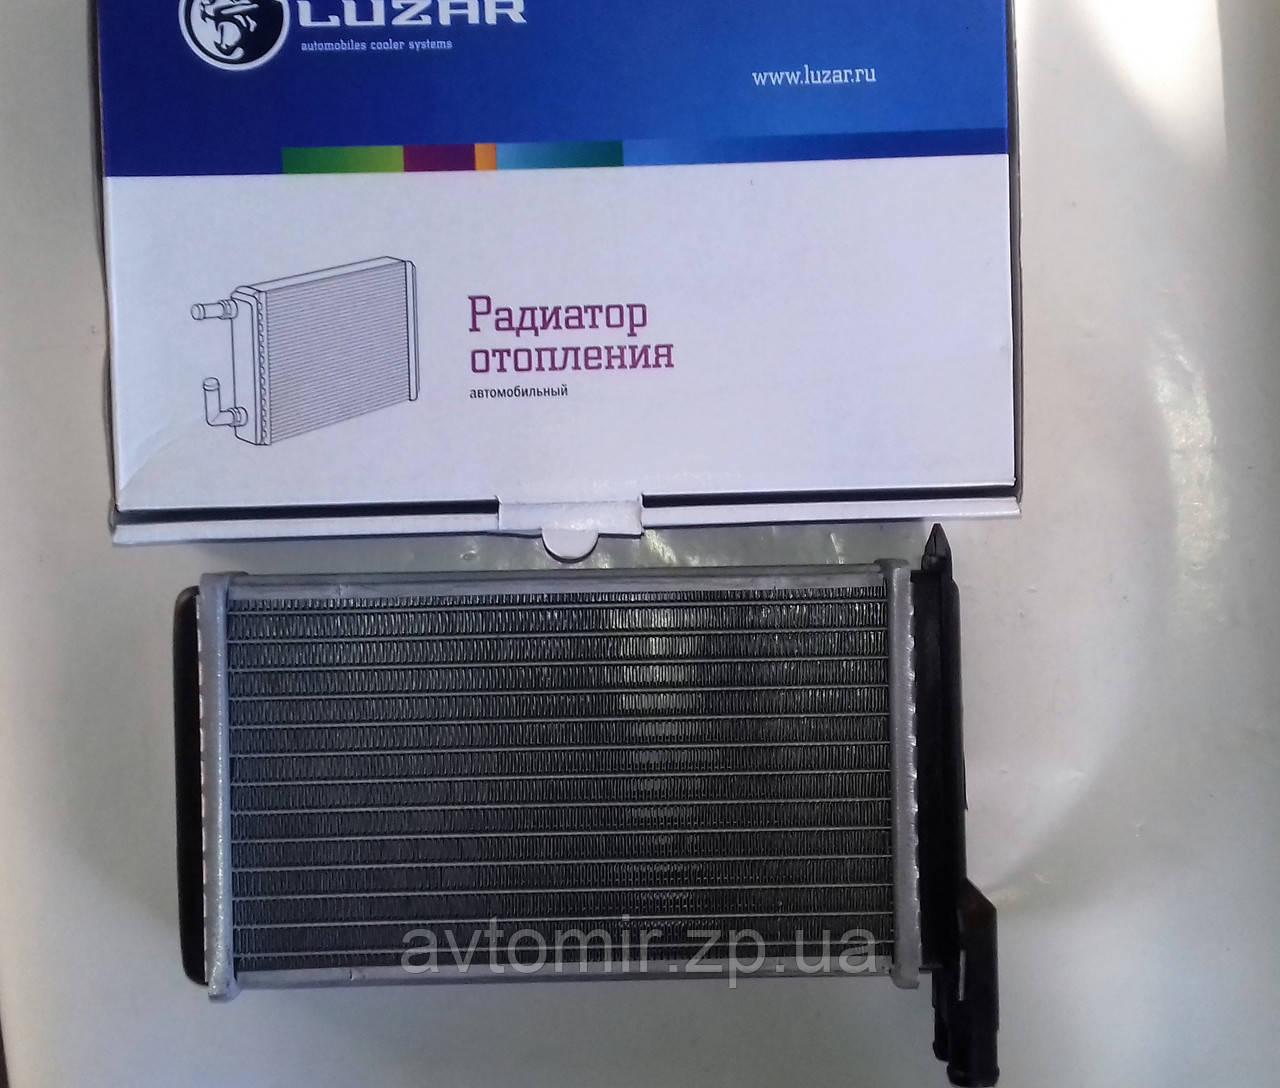 Радиатор отопителя (печки) алюминиевый ВАЗ 2108,2109,2113-2115Luzar Comfort LRh 0108b